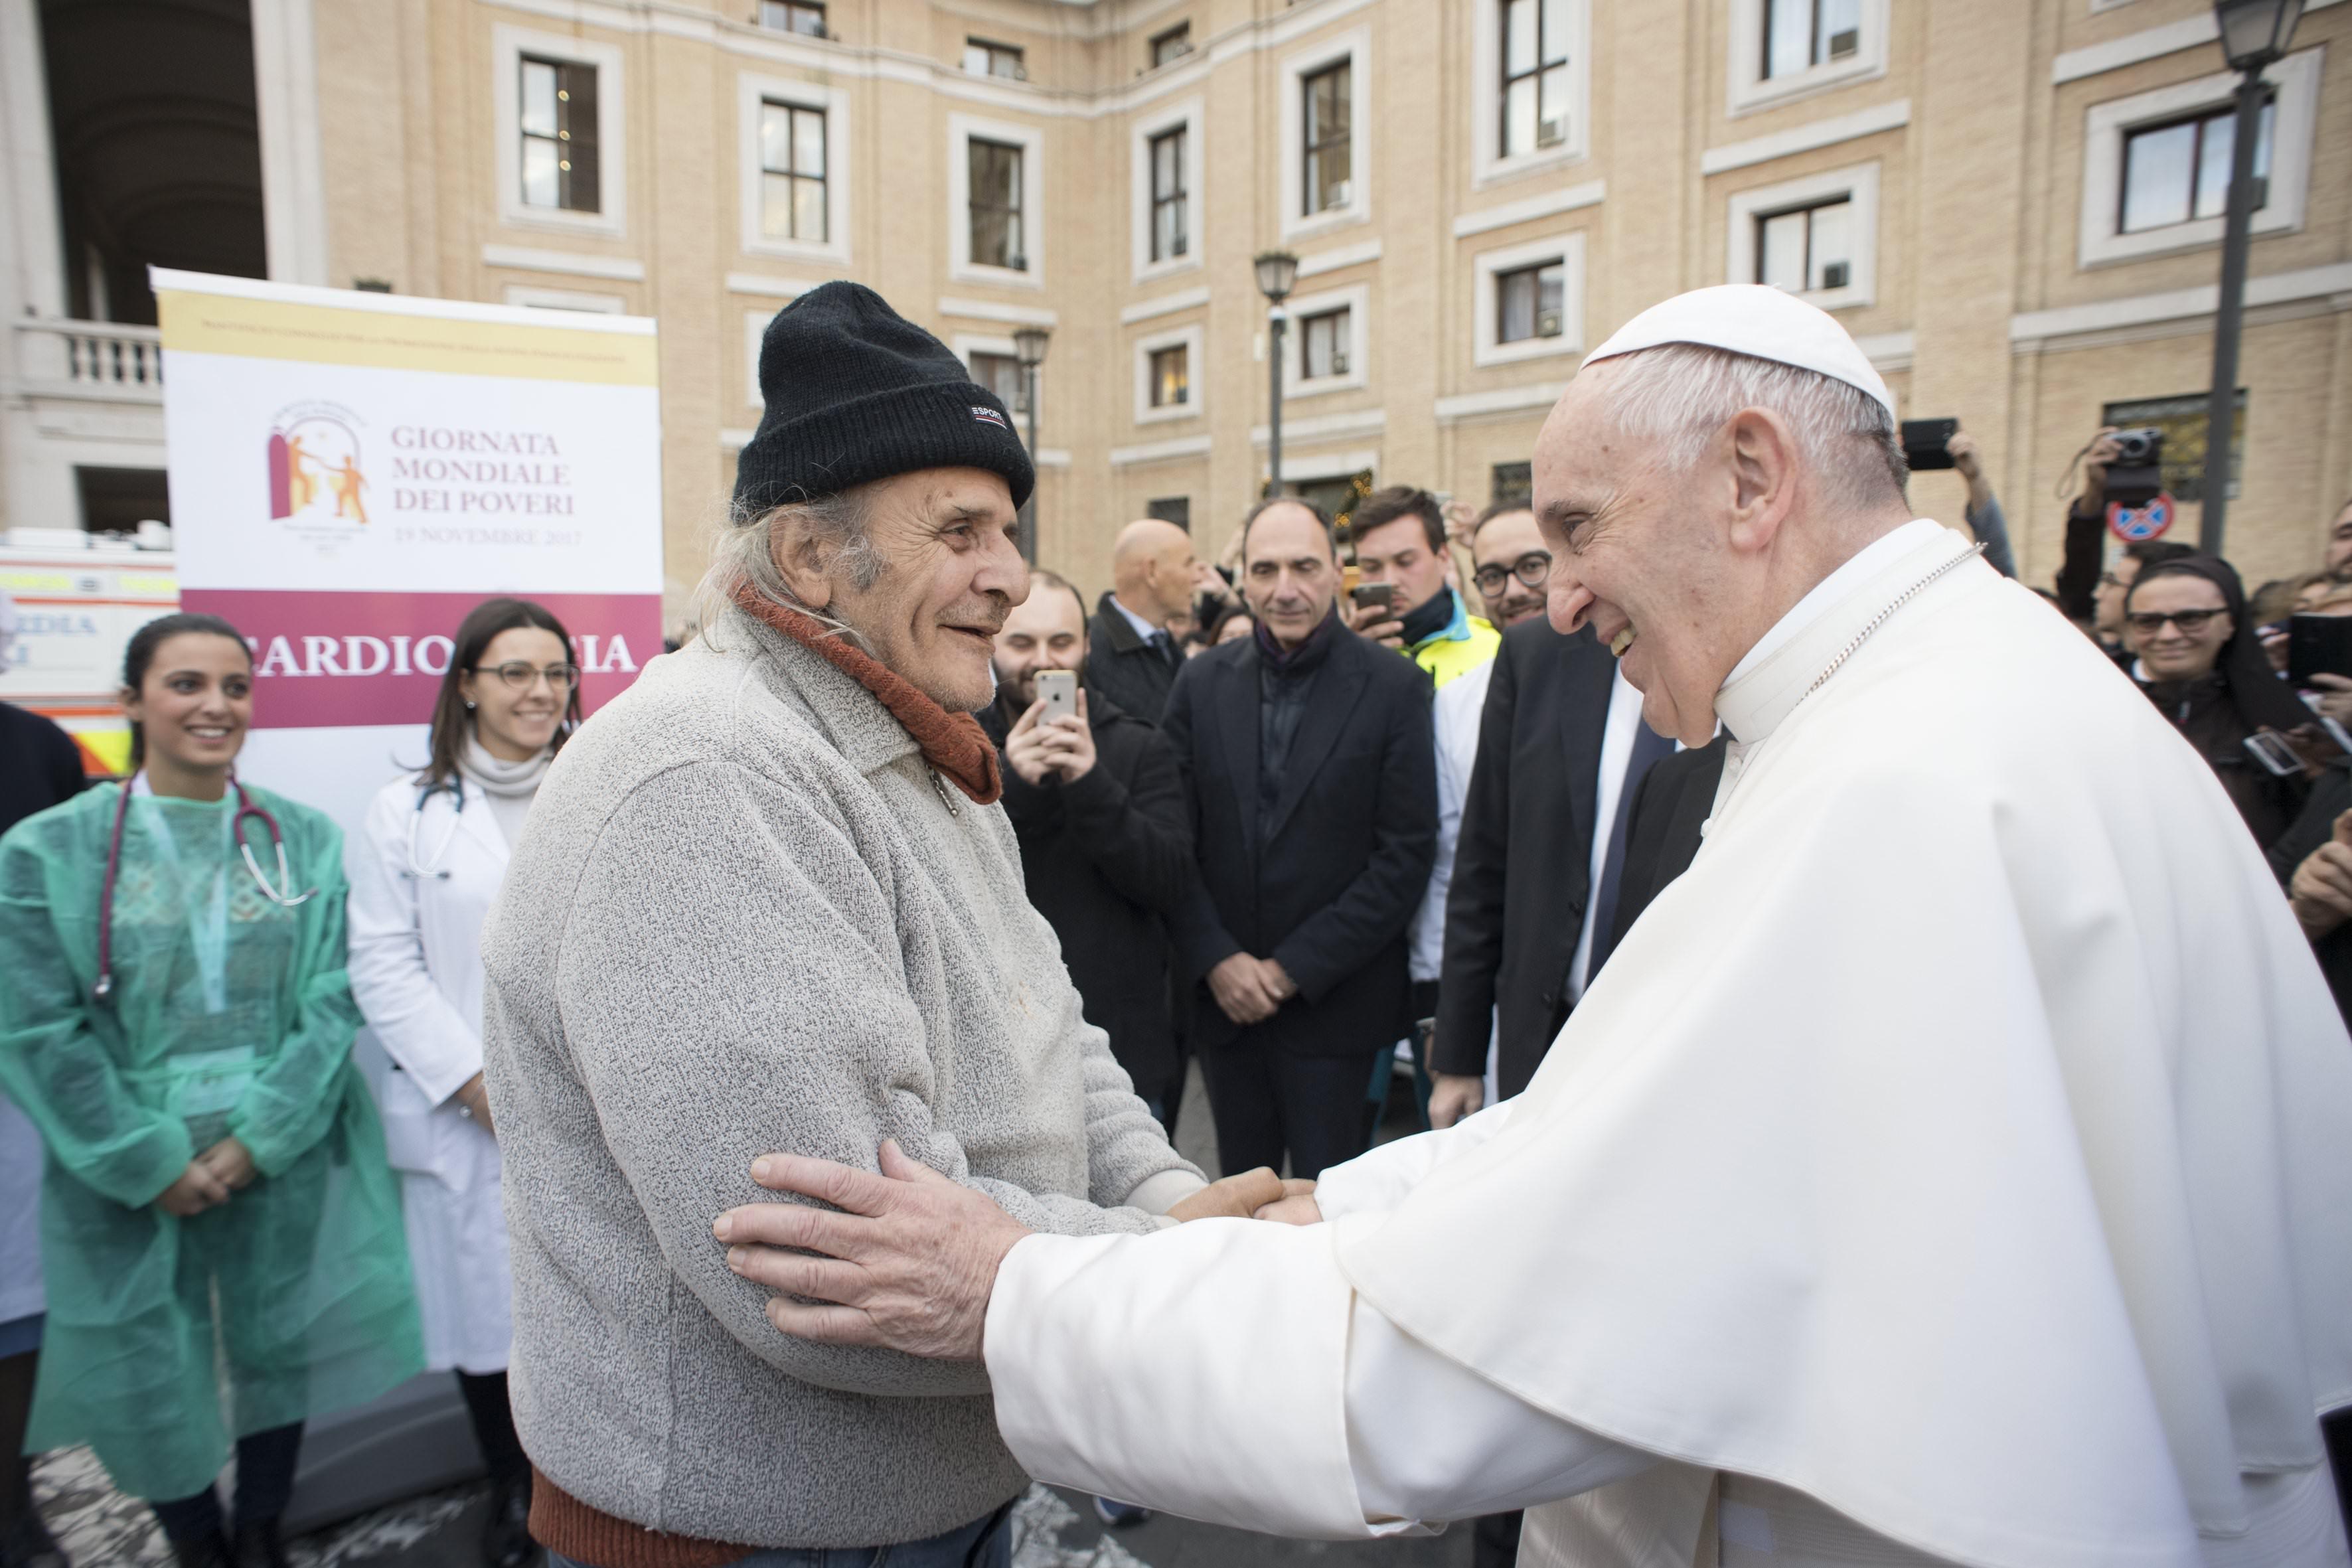 Đức Giáo Hoàng Phanxicô bất ngờ thăm viếng người nghèo bên ngoài quảng trường thánh Phêrô.